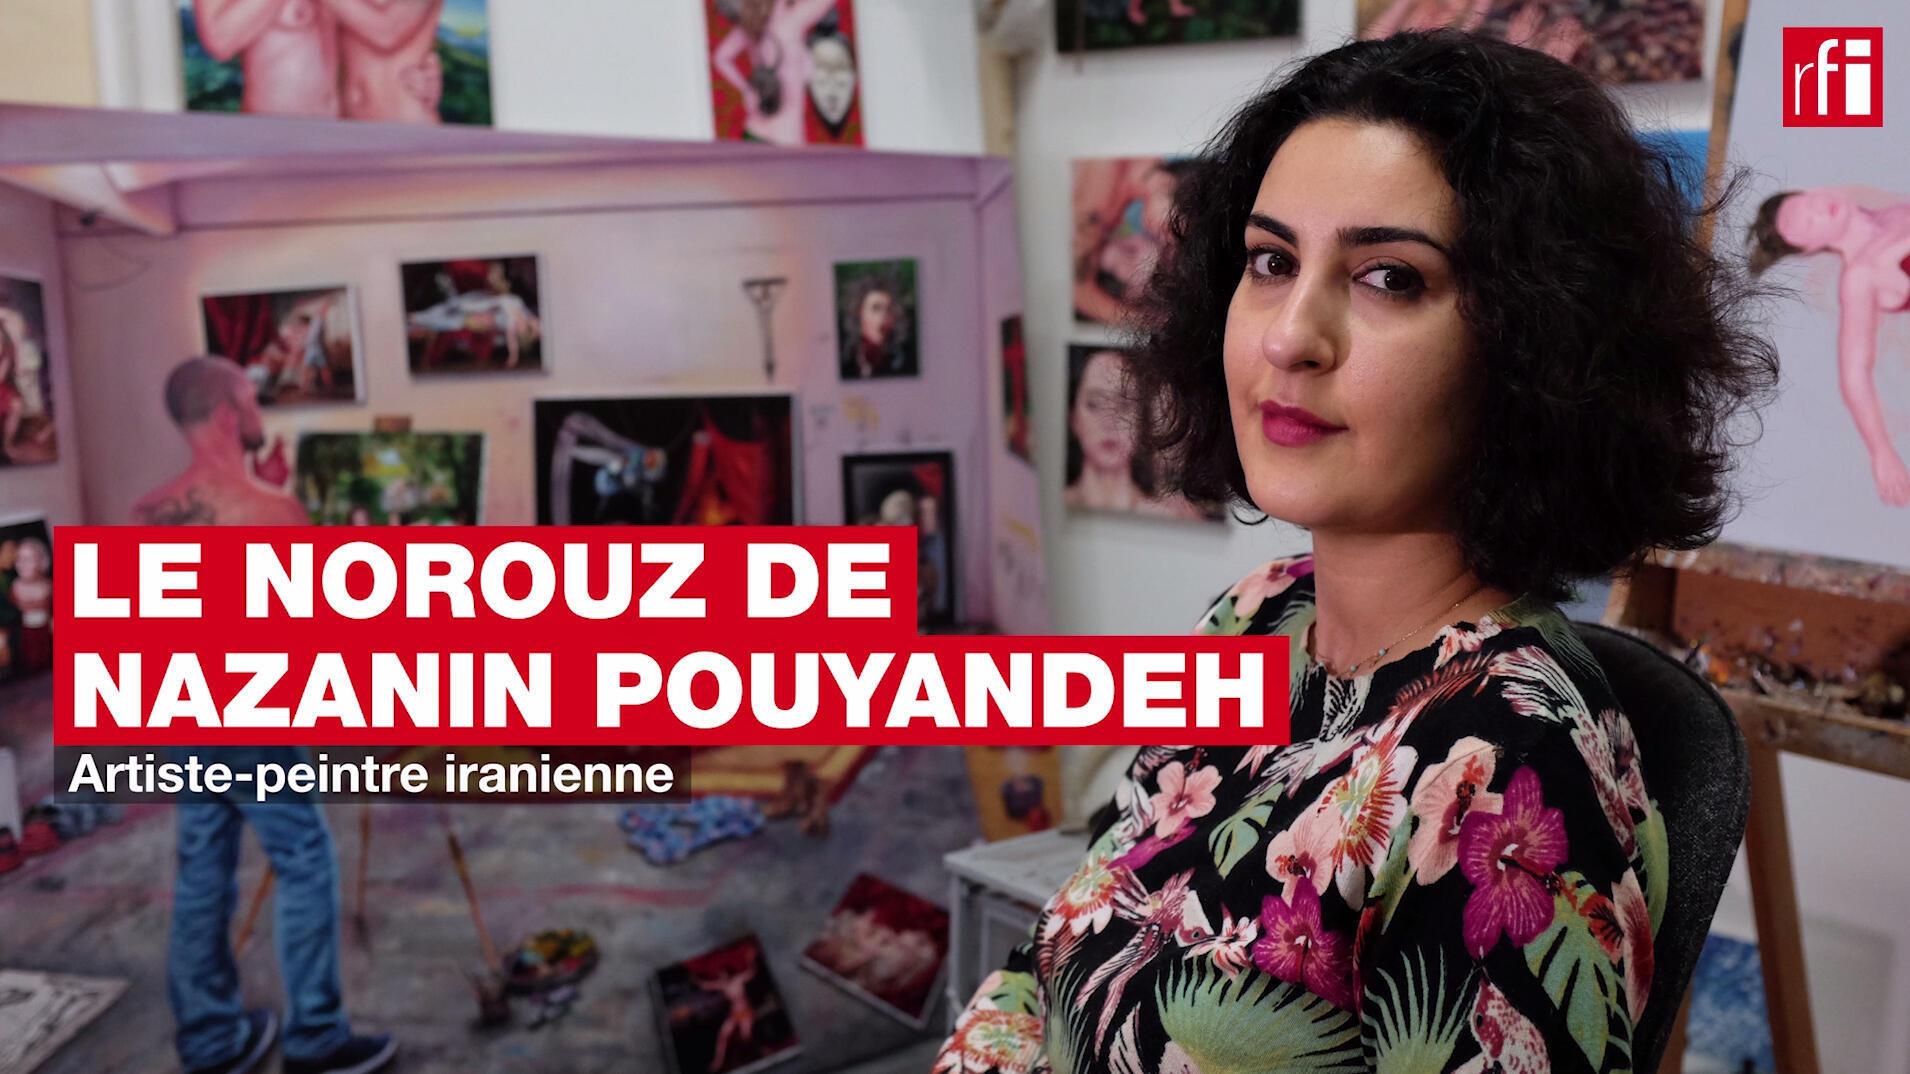 Le Norouz de la peintre iranienne Nazanin Pouyandeh en un mot, un geste et un silence. © Siegfried Forster / RFI